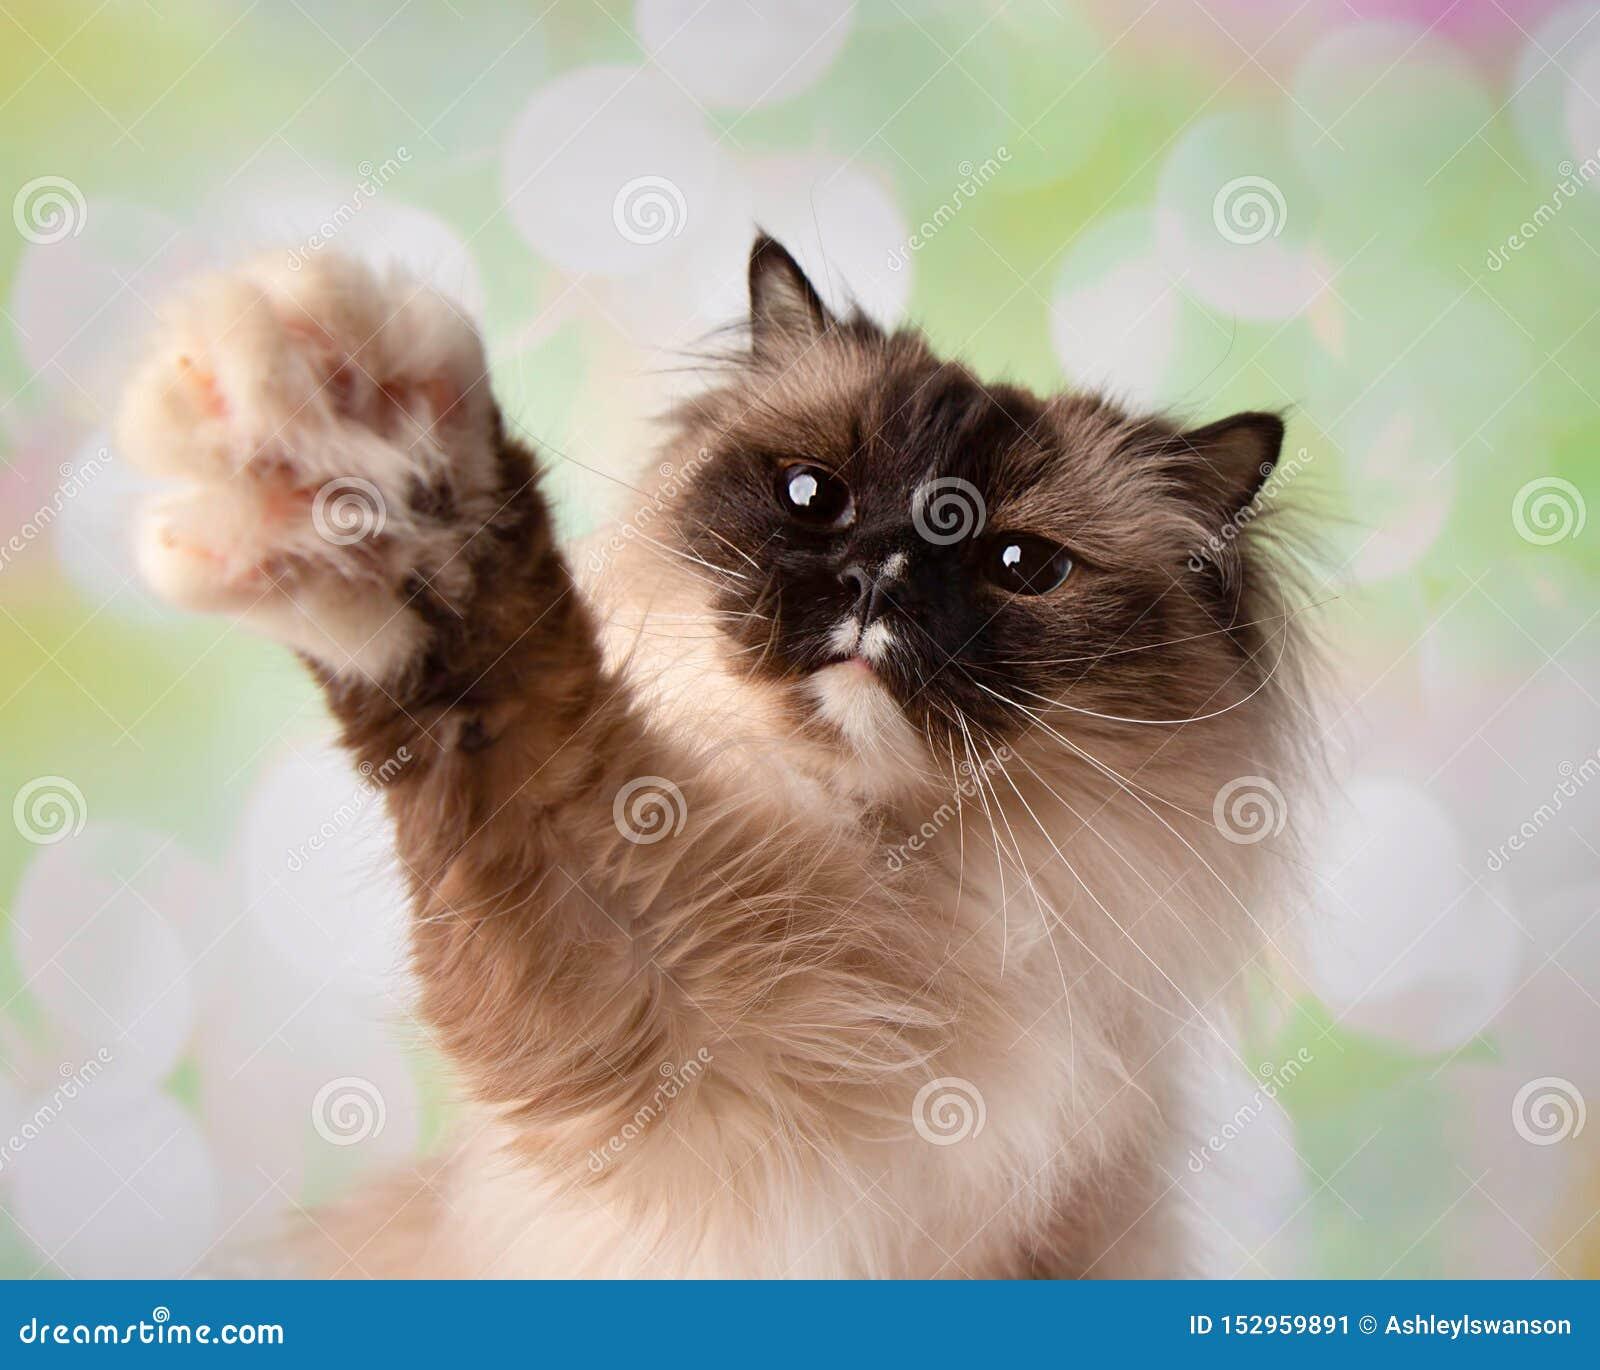 Razza osservata blu Cat Close Up Face di Ragdoll con Paw Up